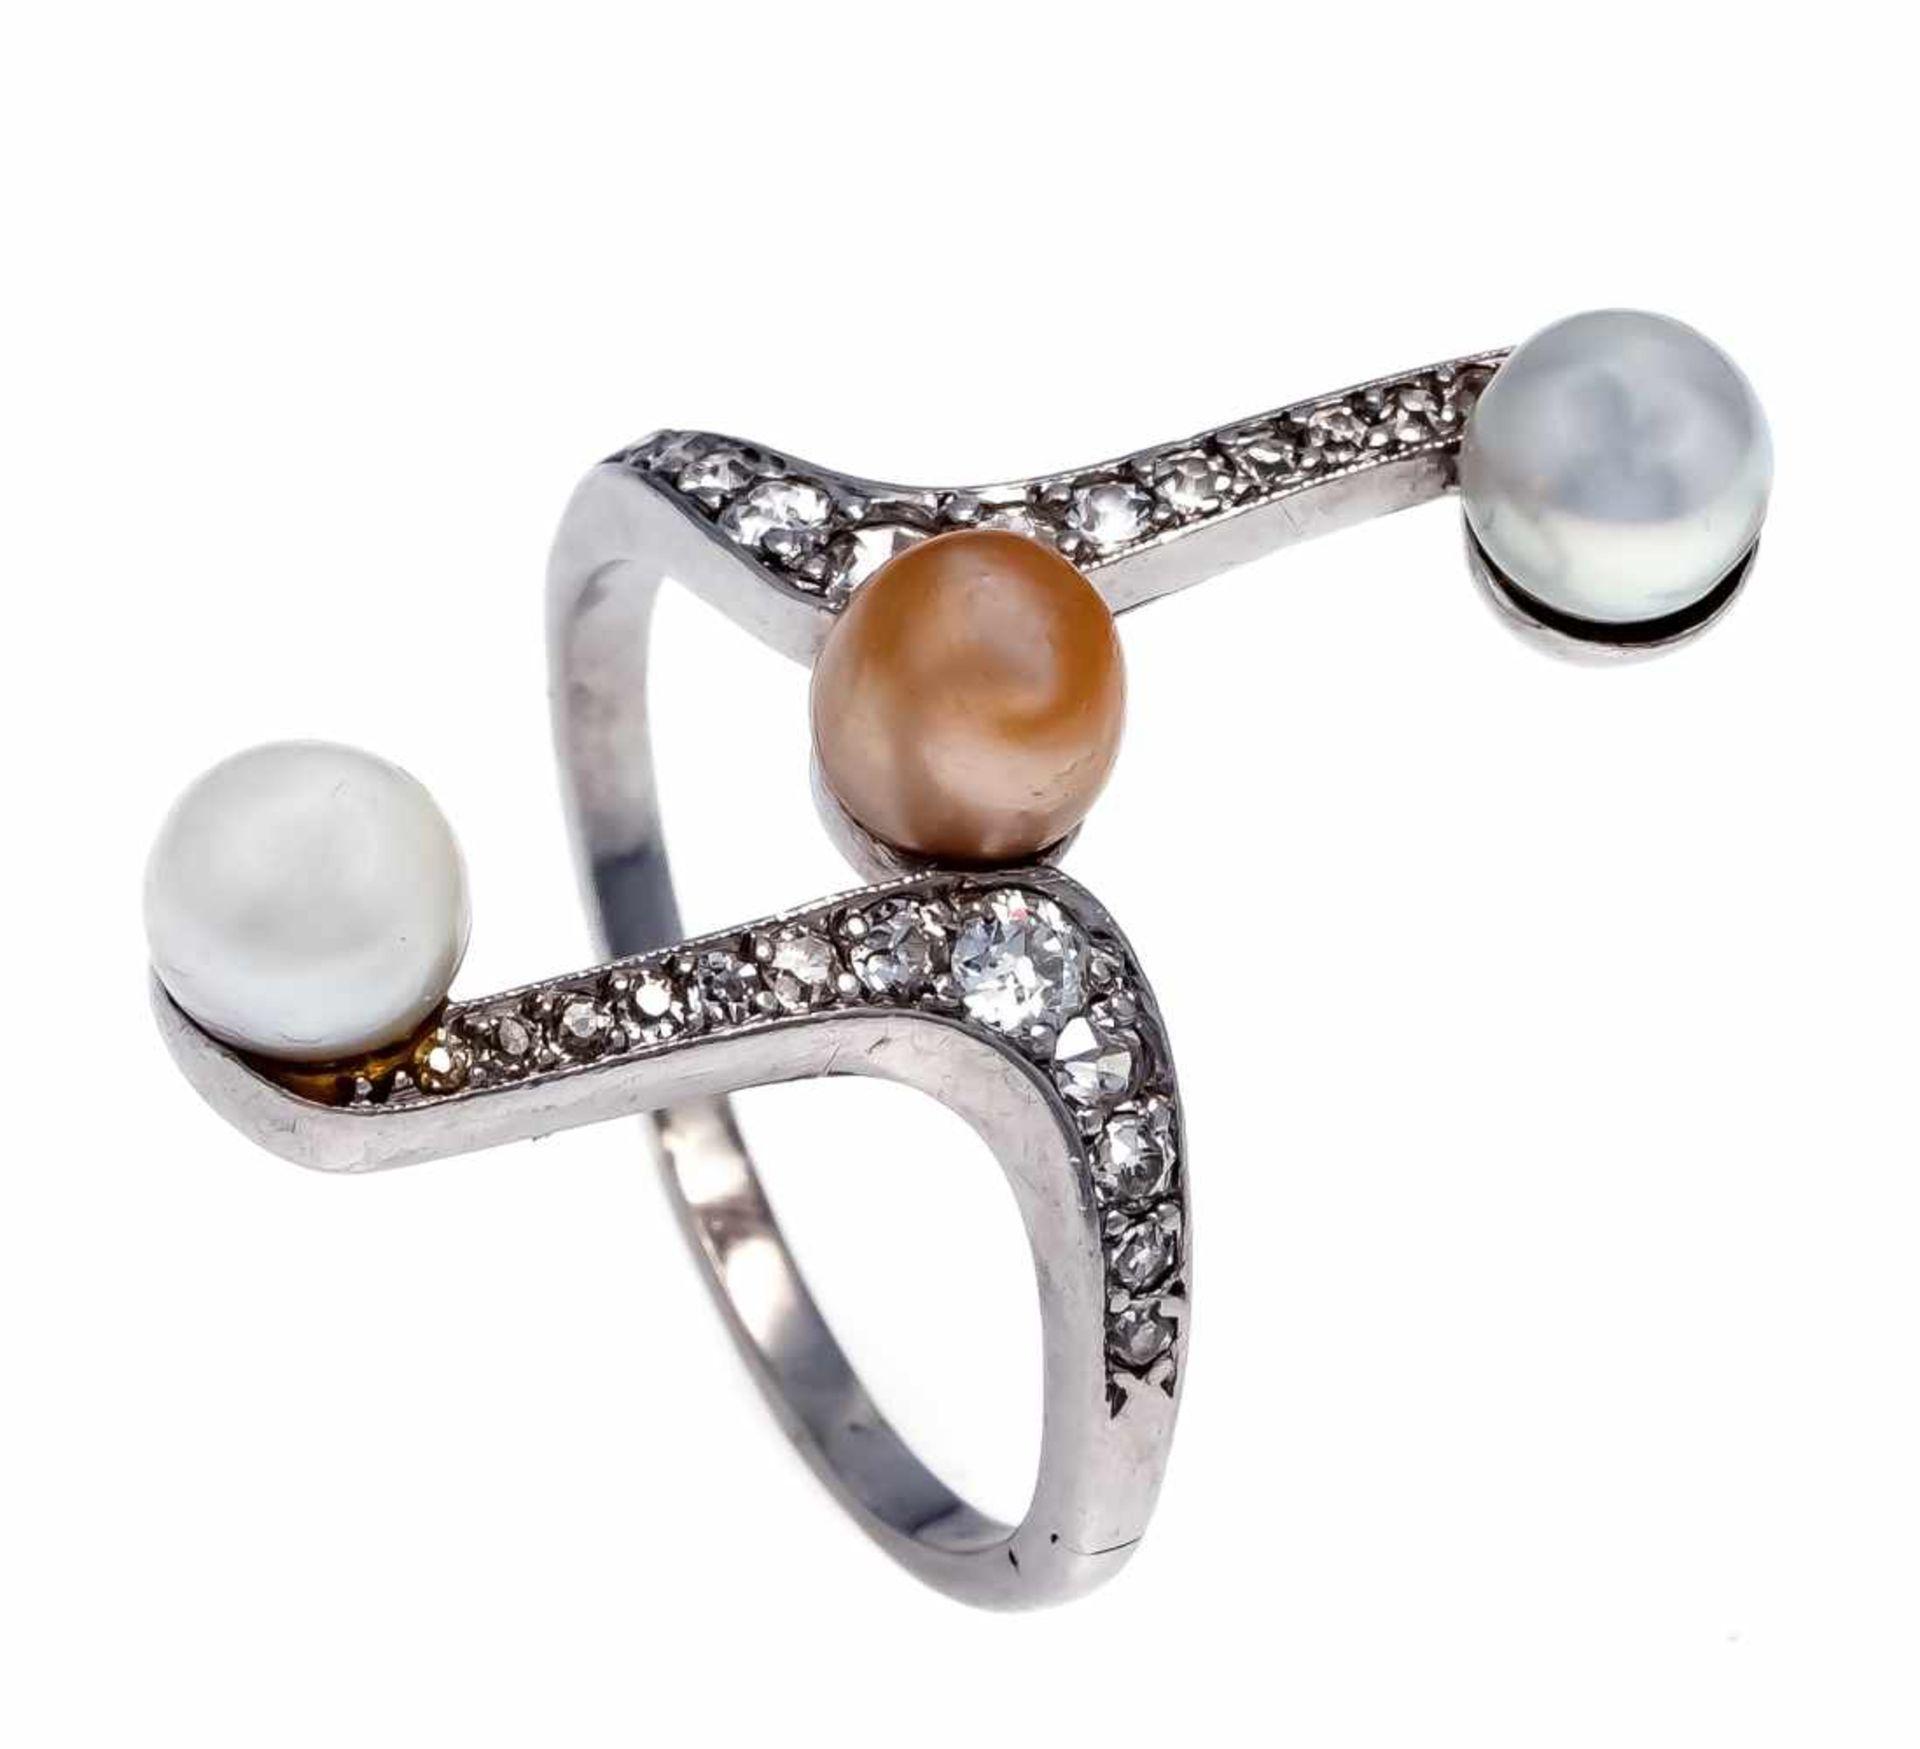 Art Déco Ring Platin 900/000 ungest., gepr., mit 3 Zuchtperlen 5,3 mm und Altschliff-Diamanten, zus.